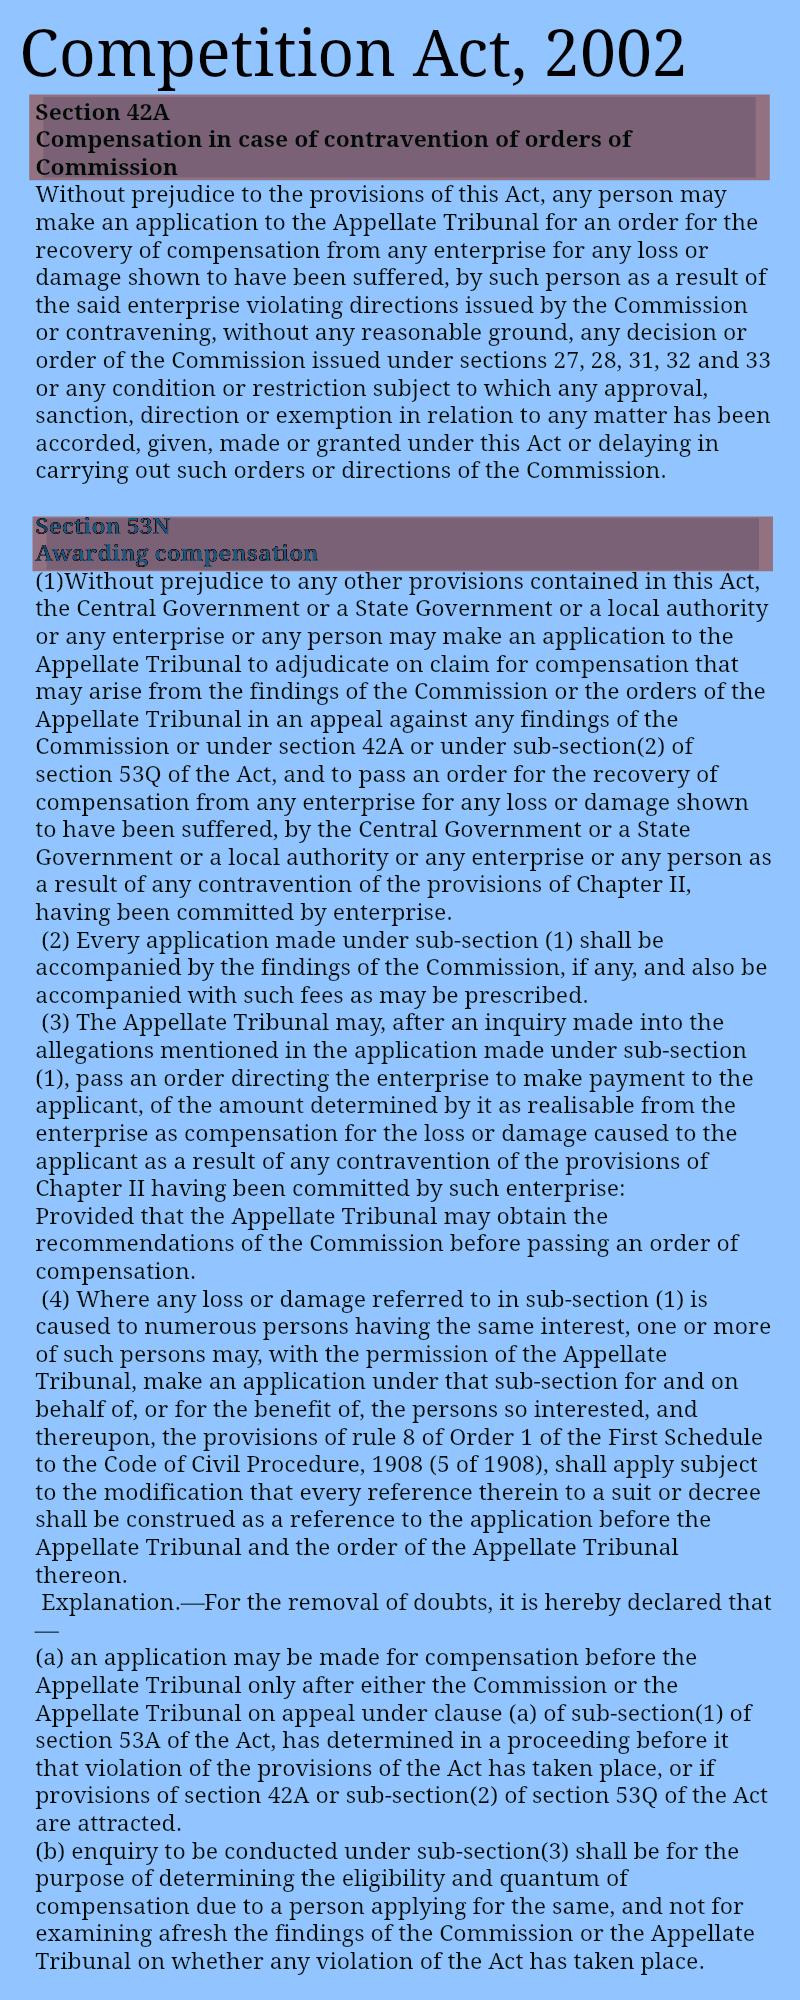 Section42ACompetitionActSection53NCompetitionAct _awardingcompensation